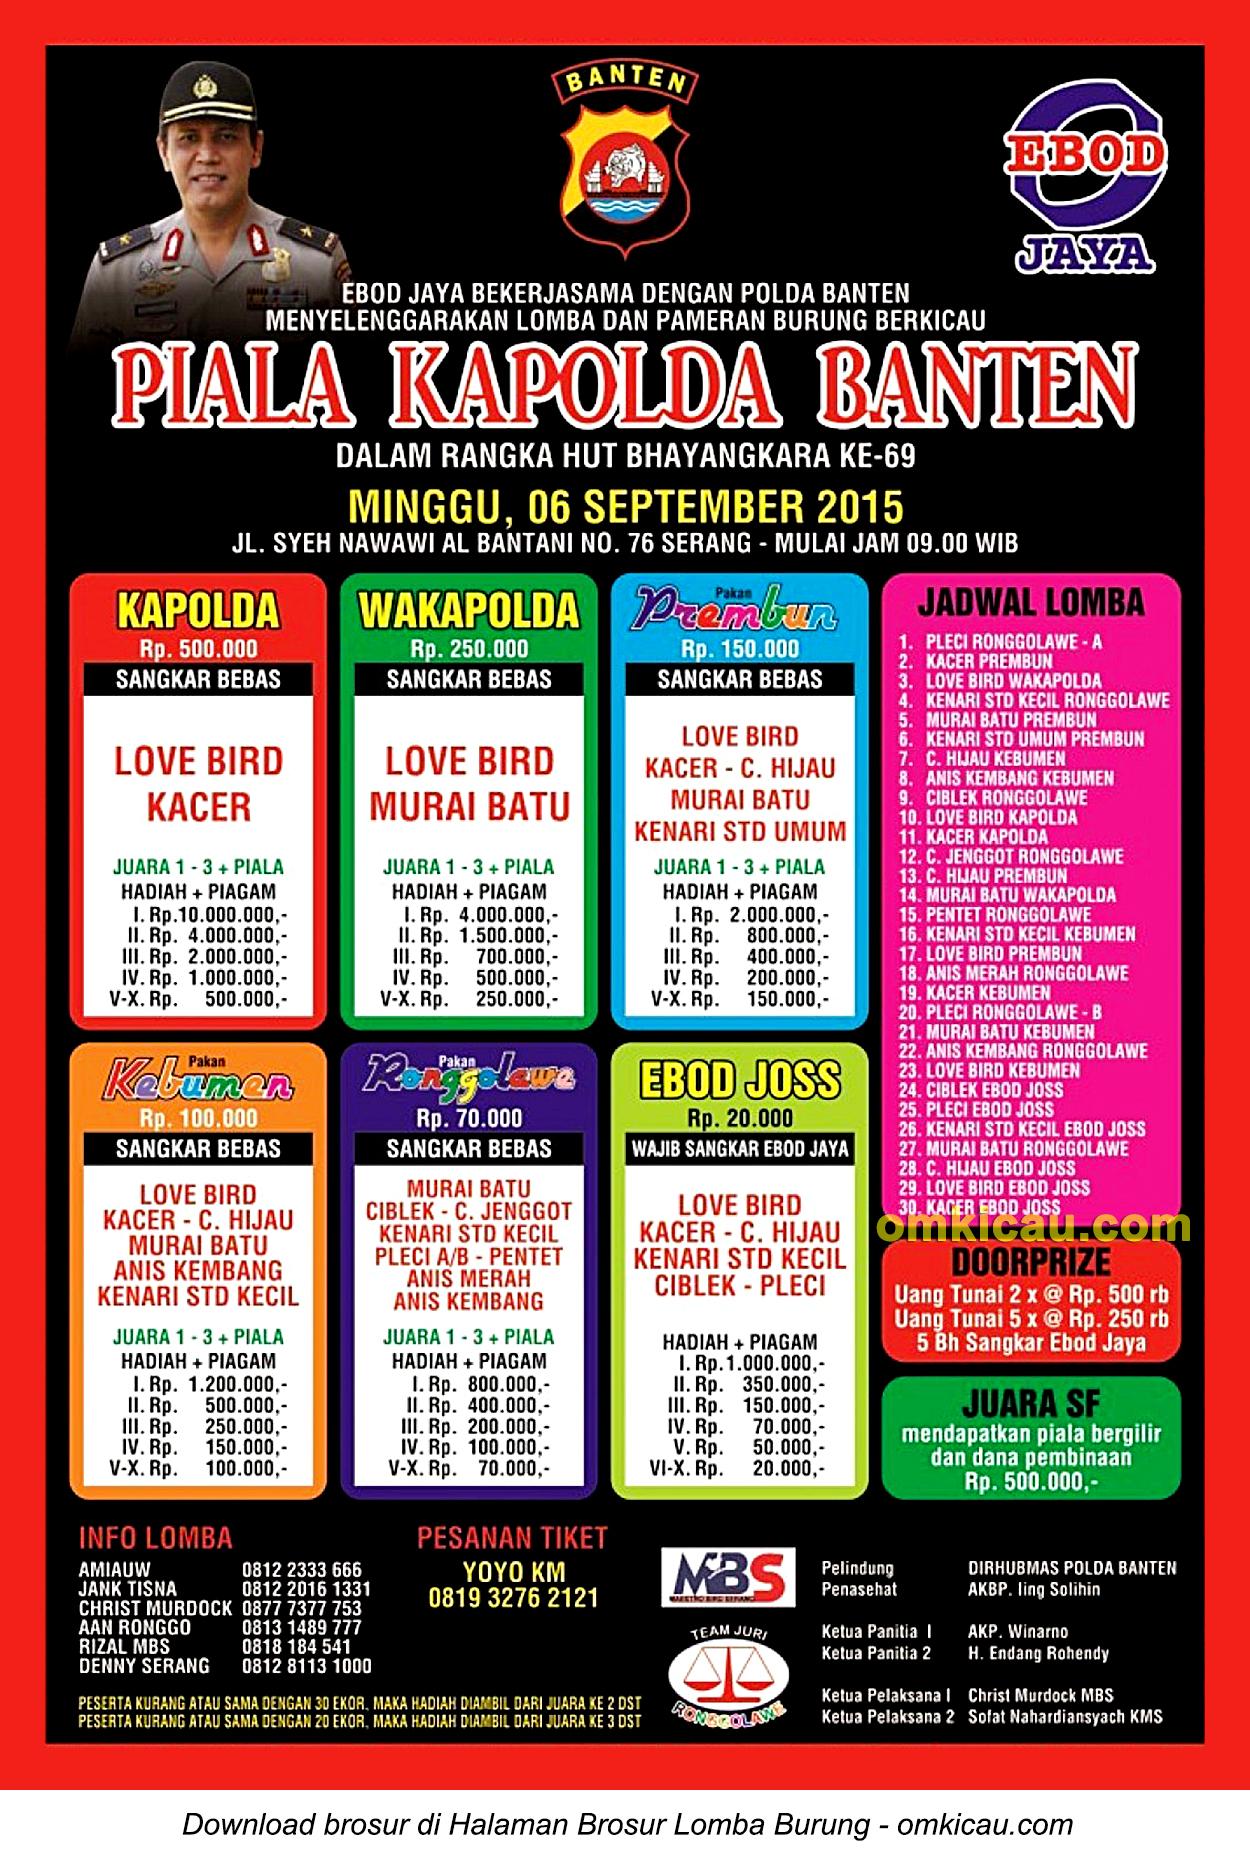 Brosur revisi Lomba Burung Berkicau Piala Kapolda Banten, Serang, 6 September 2015